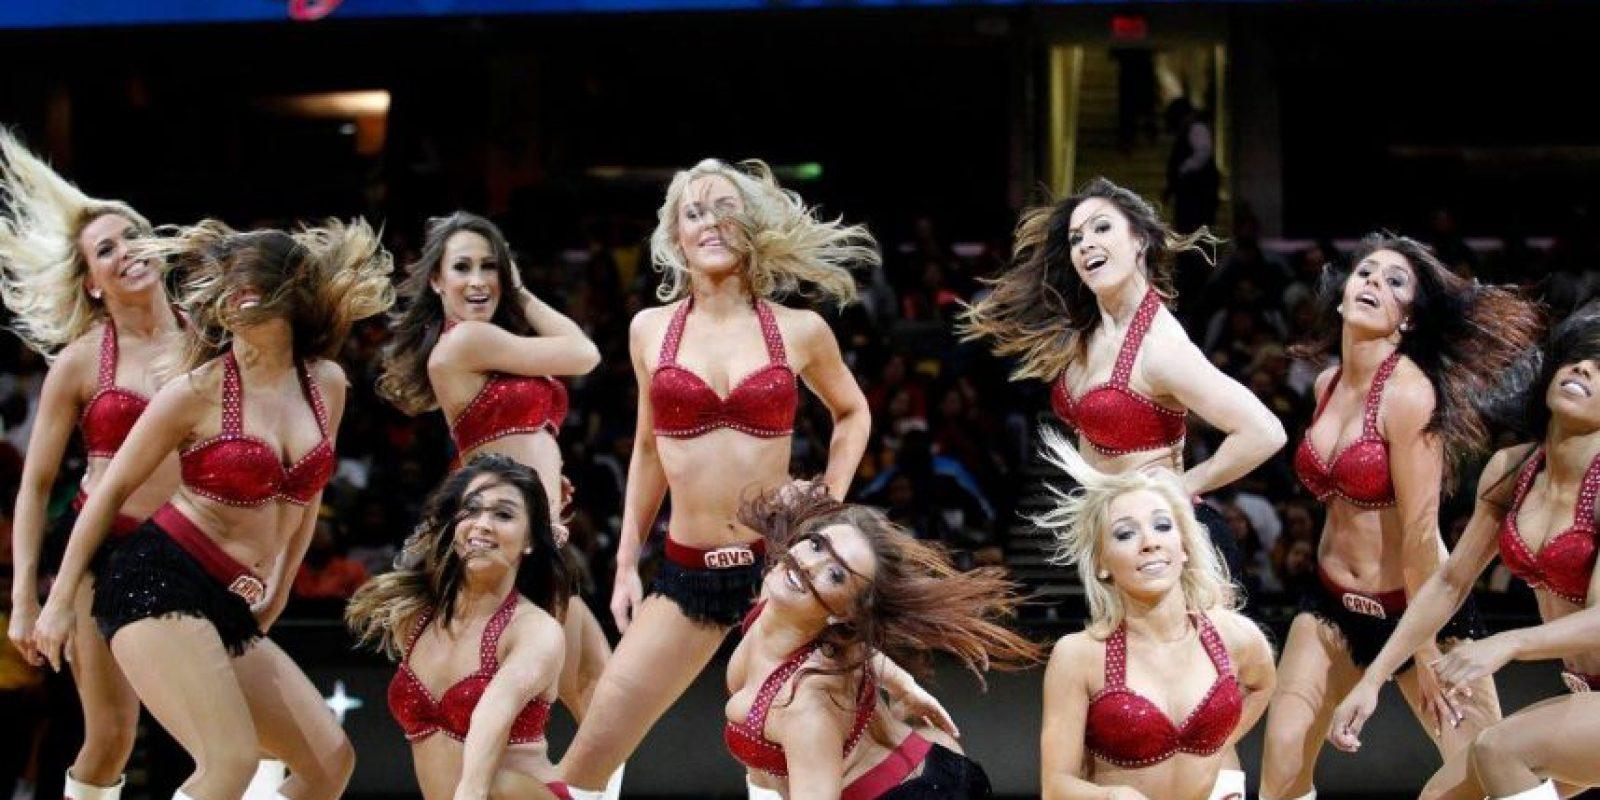 """Las """"Cleveland Cavalier Girls"""" con el grupo de animación de los Cleveland Cavaliers de la NBA. Foto:facebook.com/CavalierGirls"""